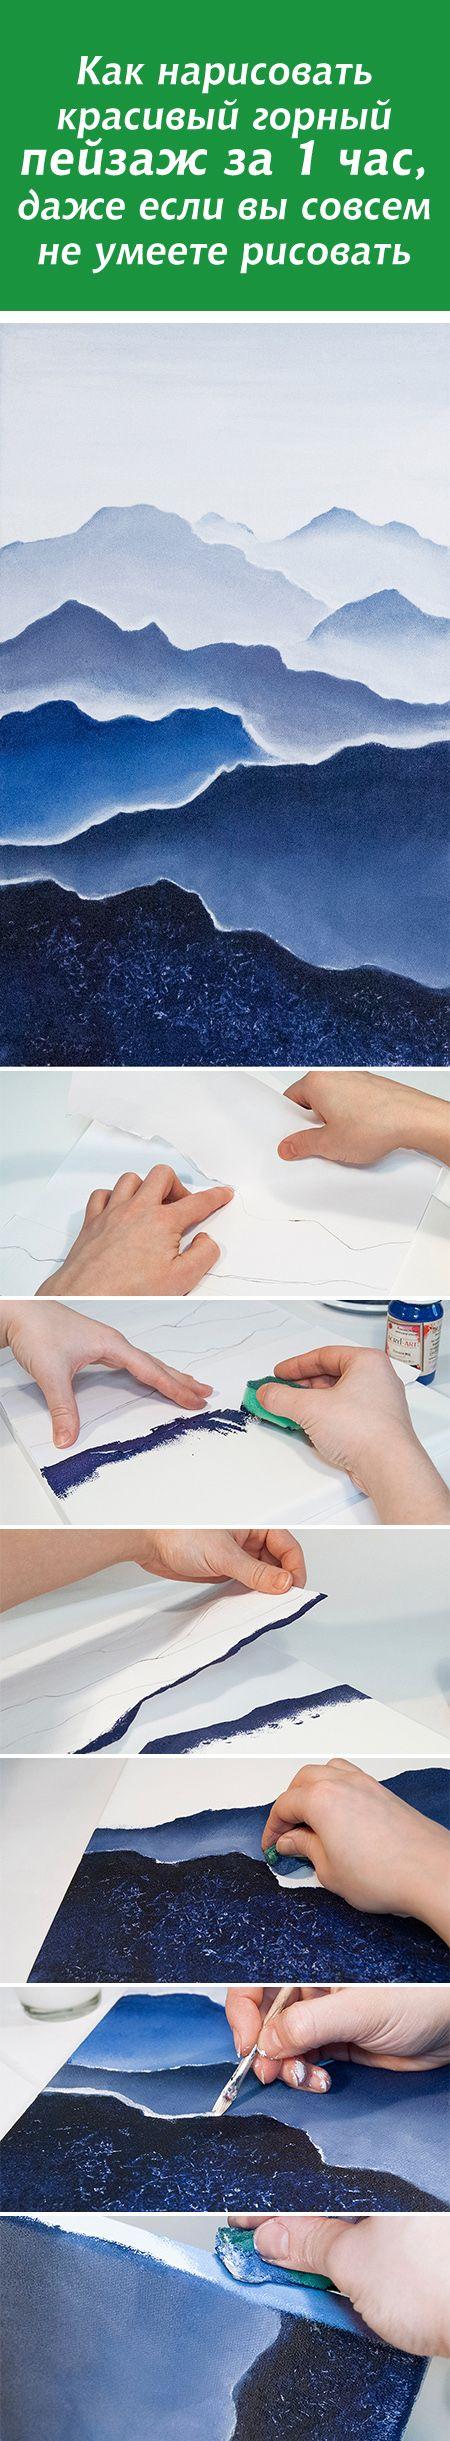 Как нарисовать красивый горный пейзаж за 1 час, даже если вы совсем не умеете рисовать #diy #painting